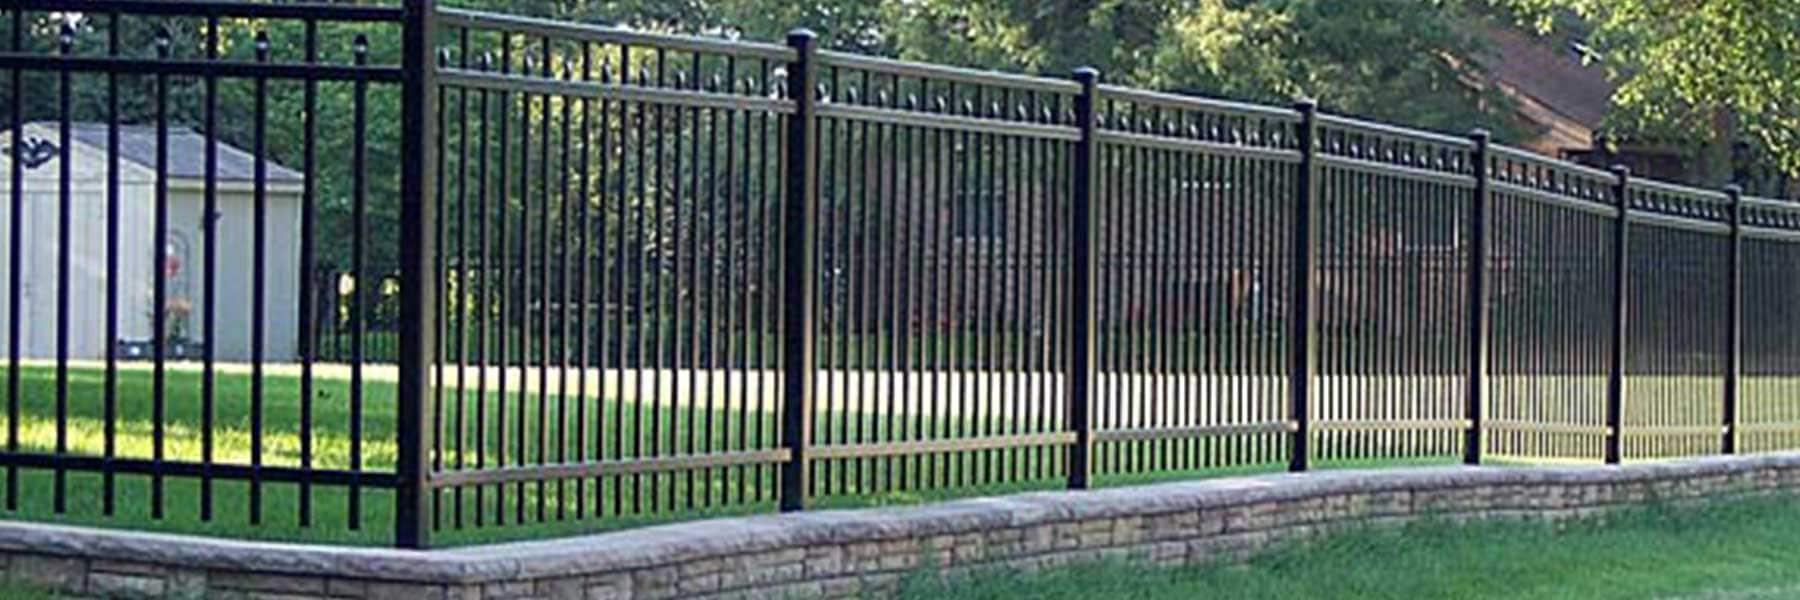 FenceHeader